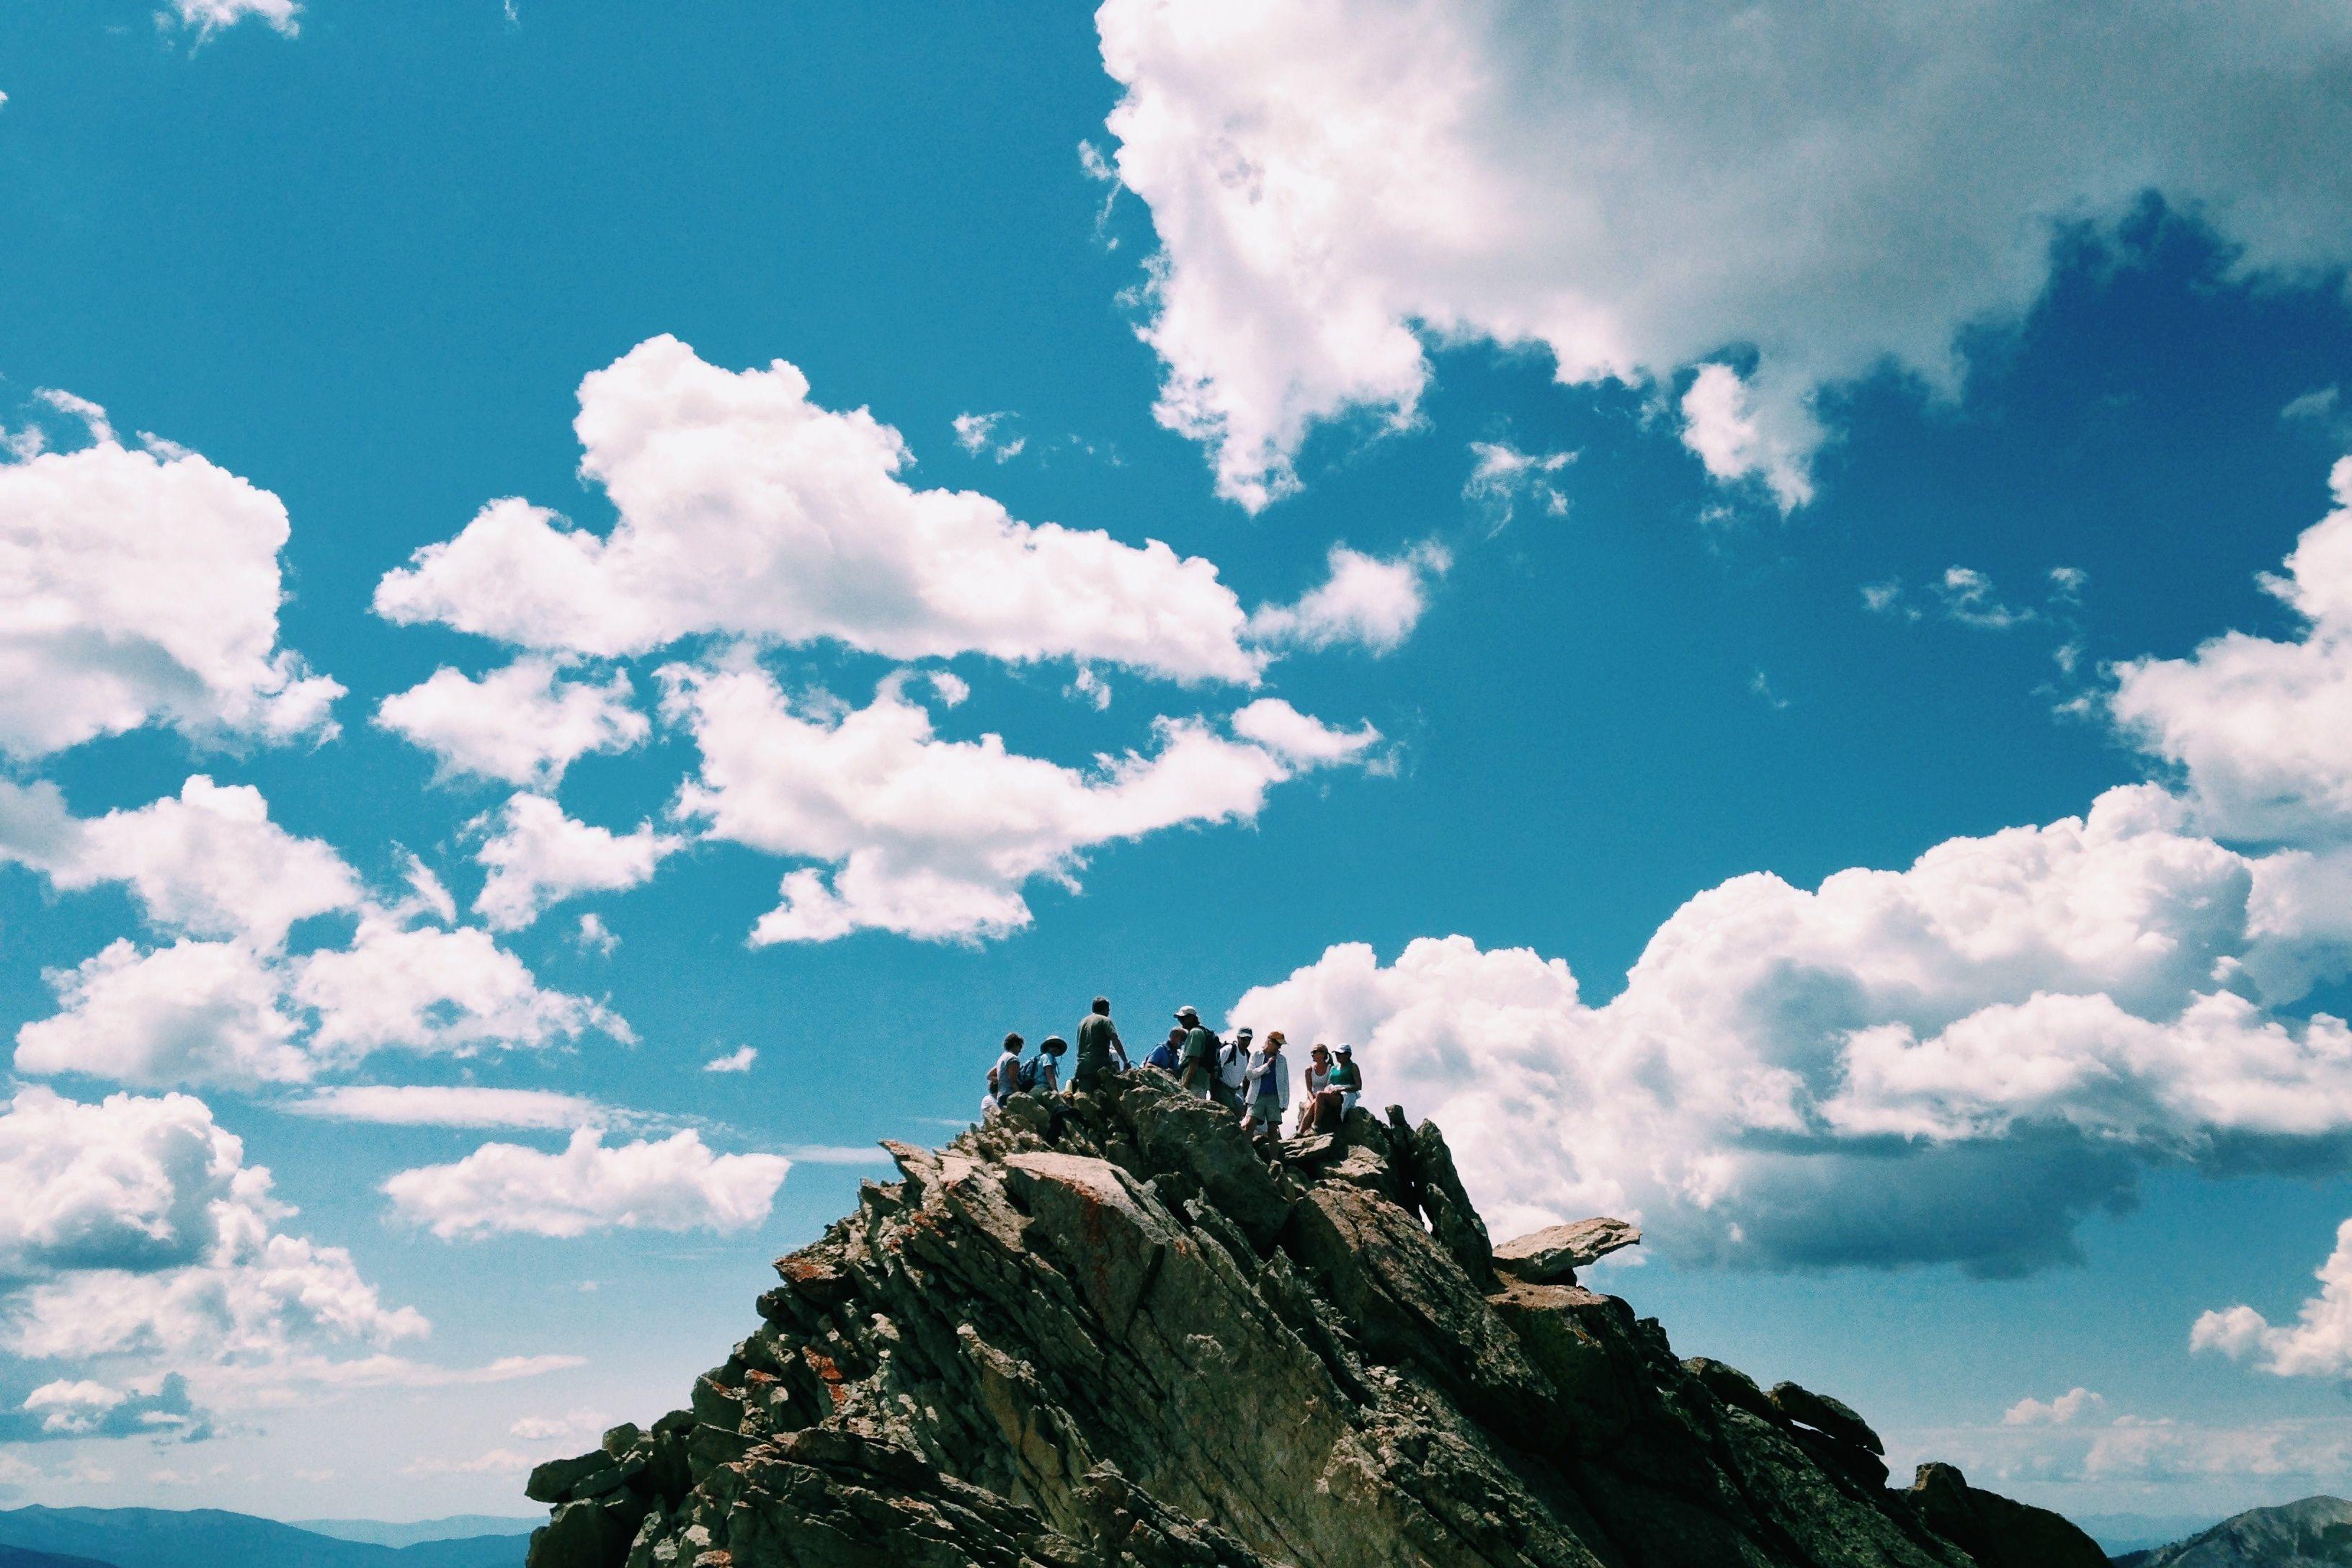 groupe de personnes en haut d'une montagne